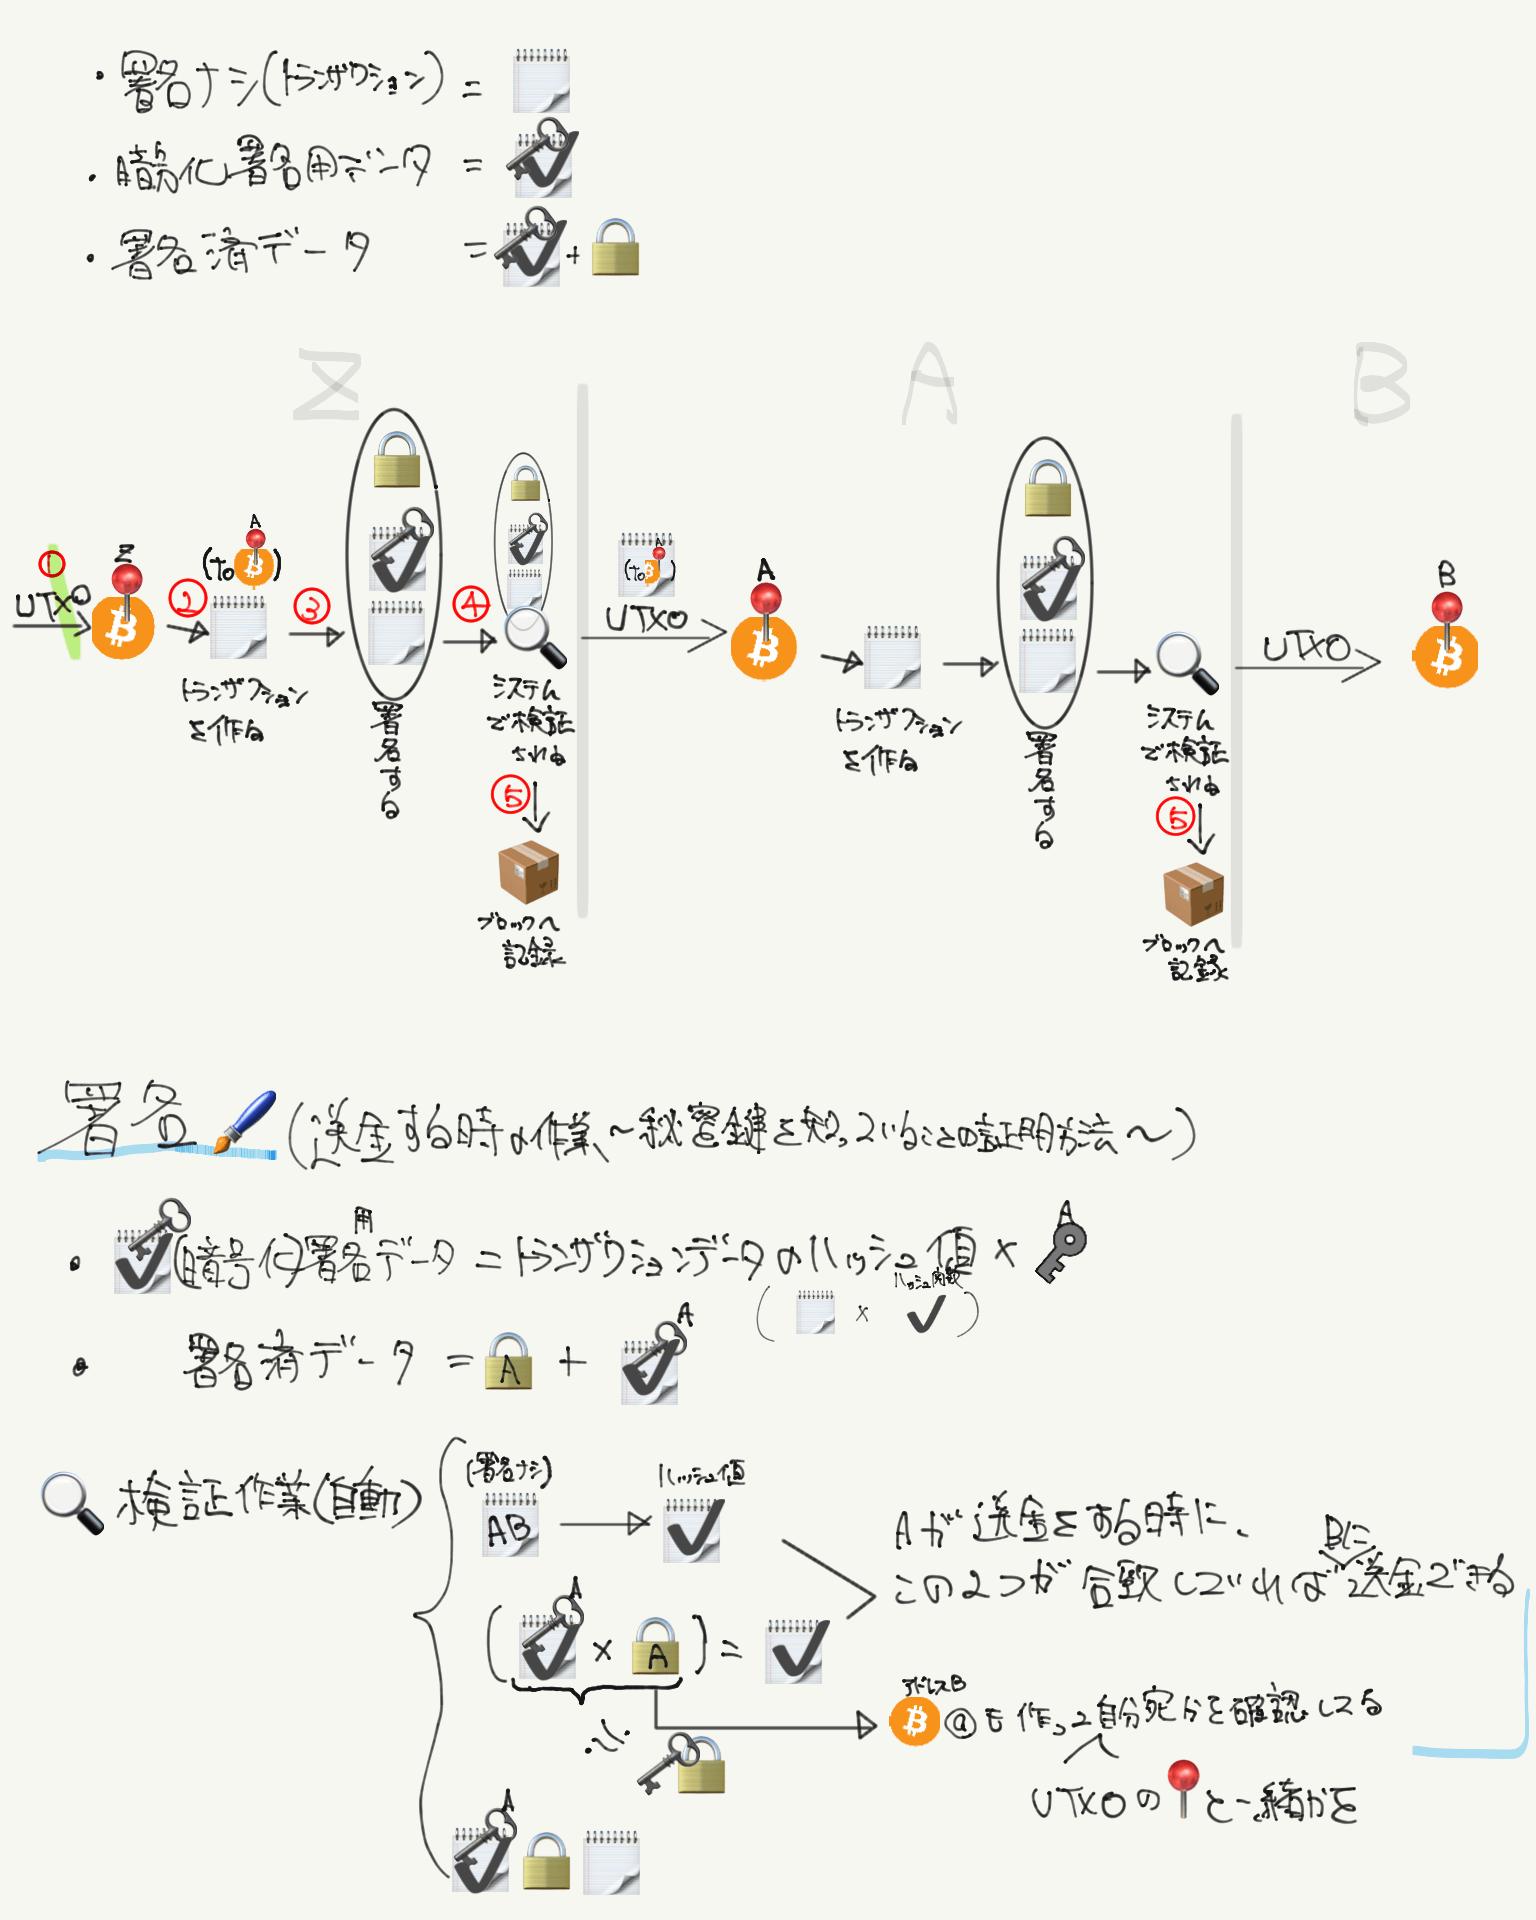 電子署名の仕組み